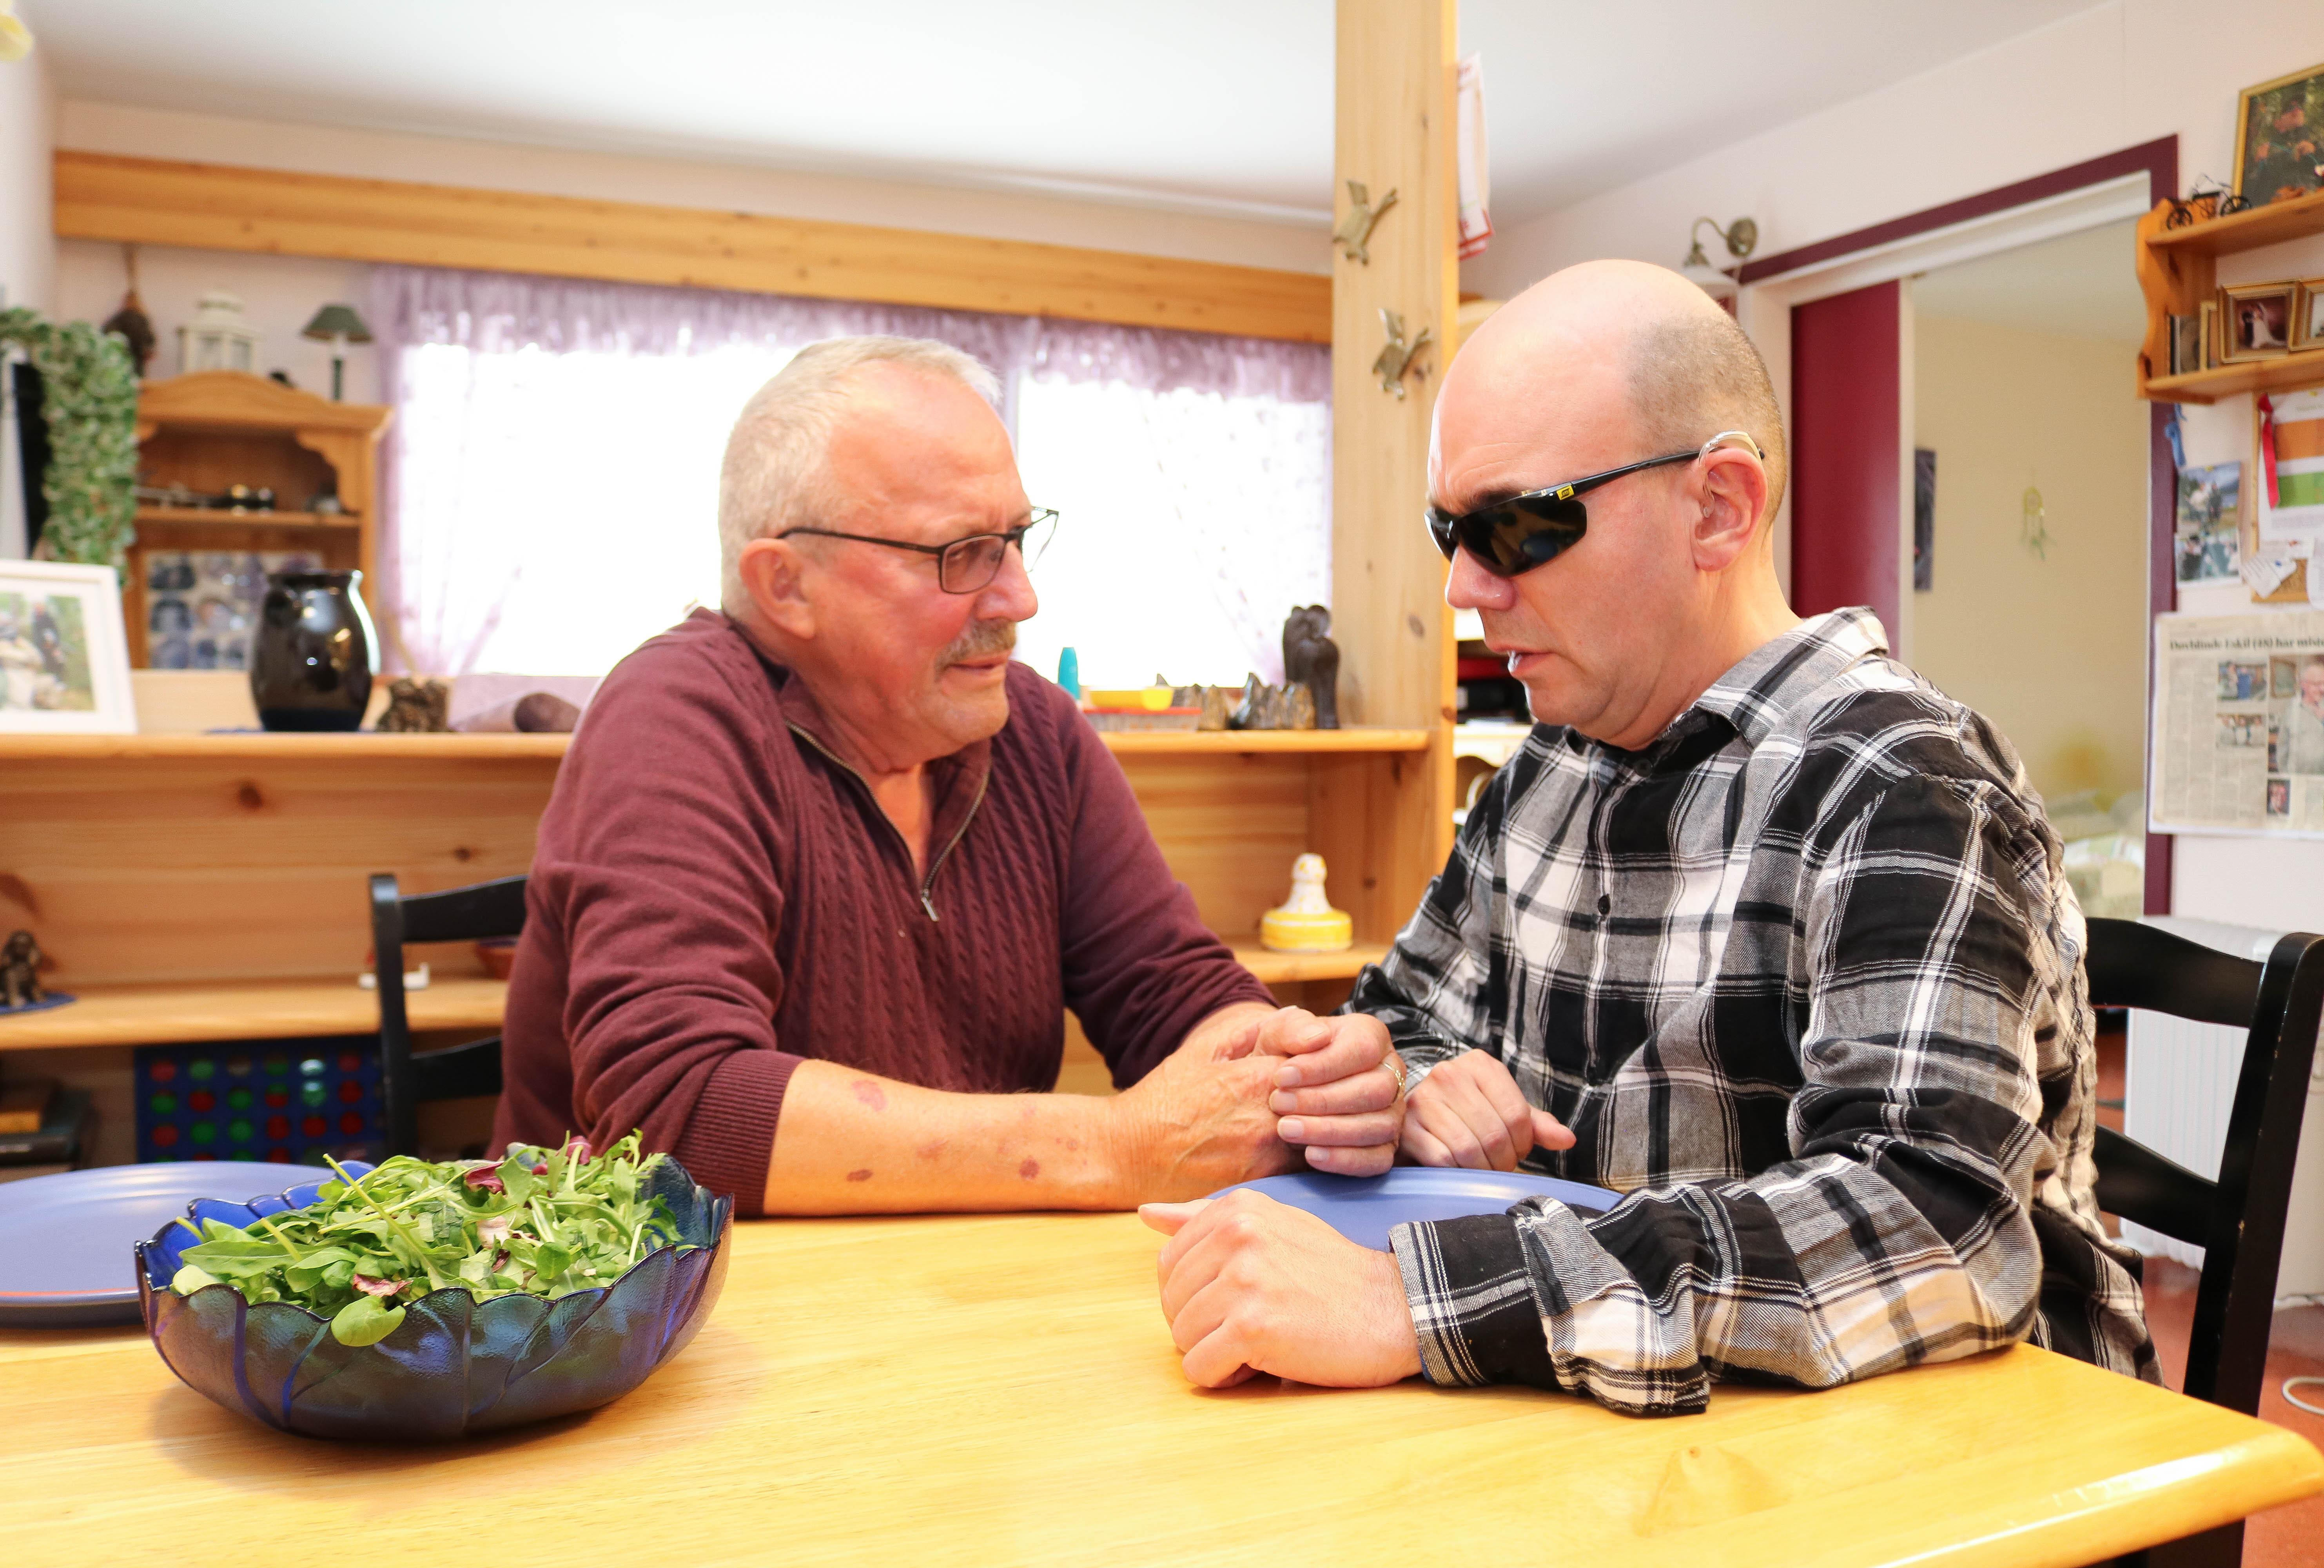 Døvblind mann sitter ved kjøkkenbordet sammen med sin far, de venter på middag.